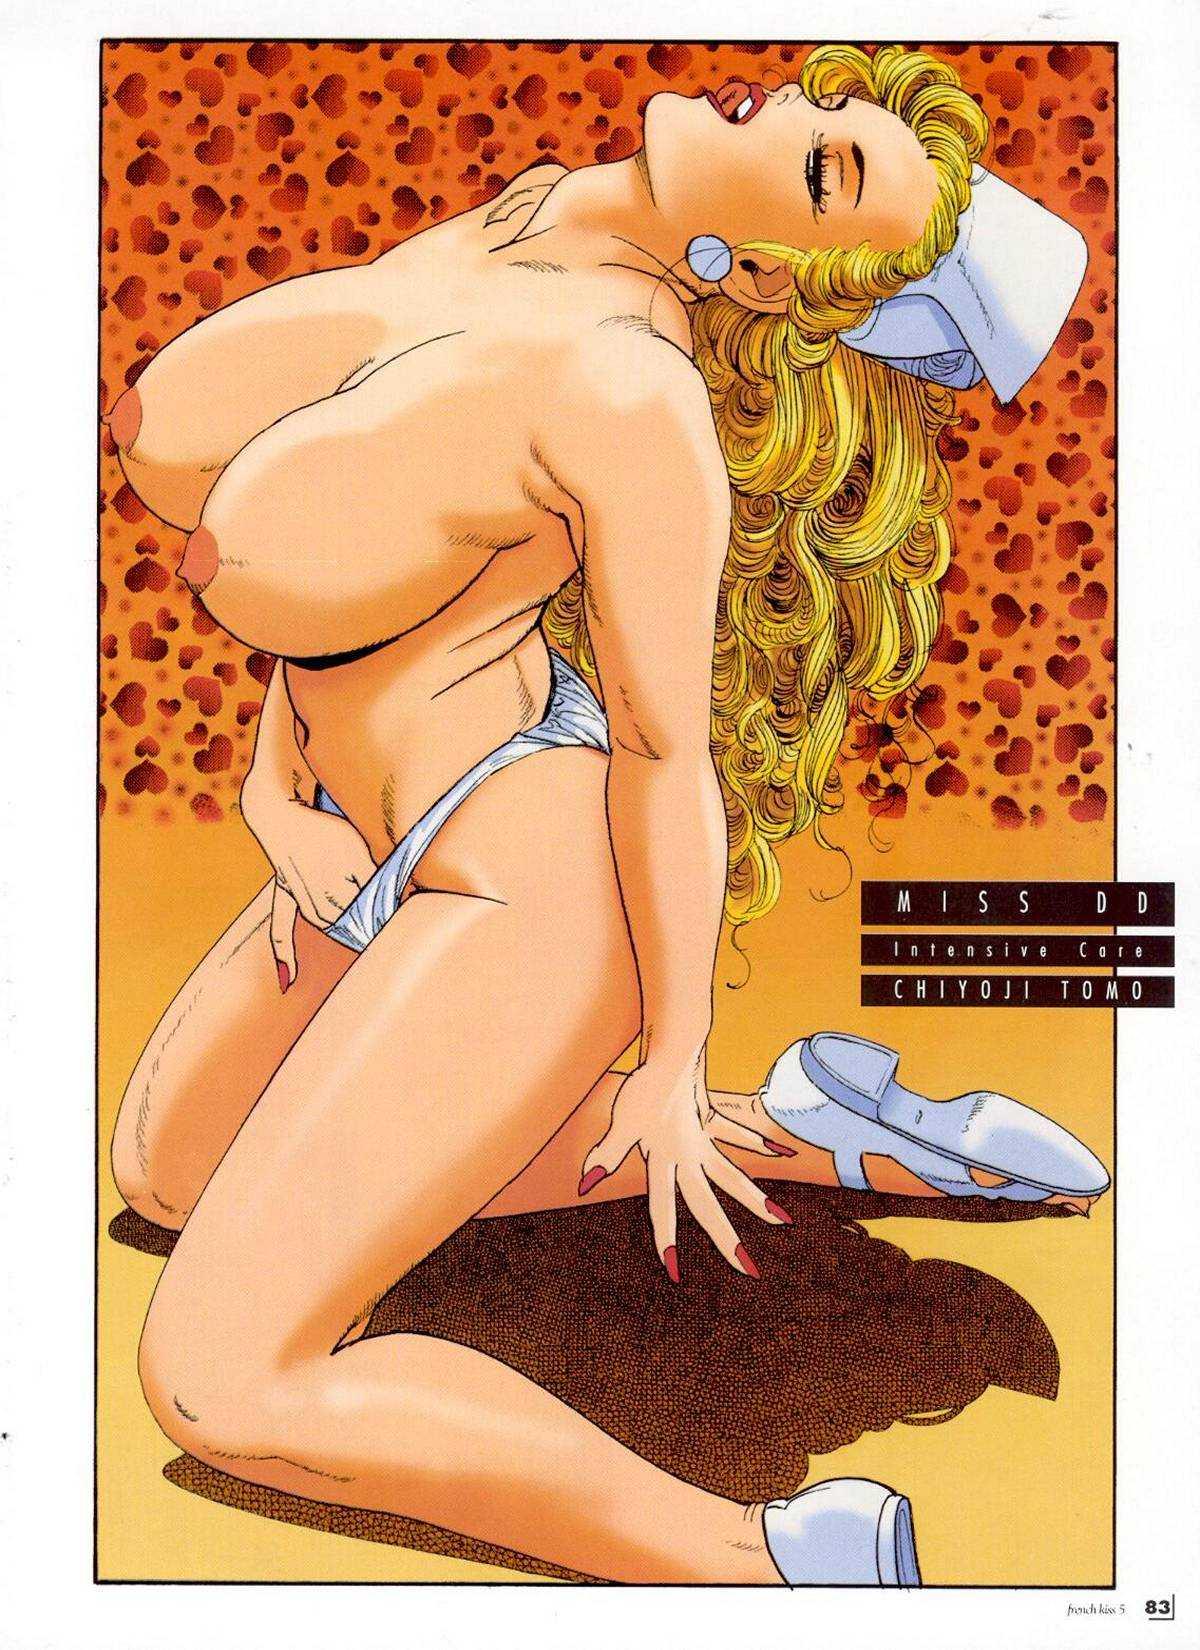 Porn Comics - Miss DD Intensive Care porn comics 8 muses